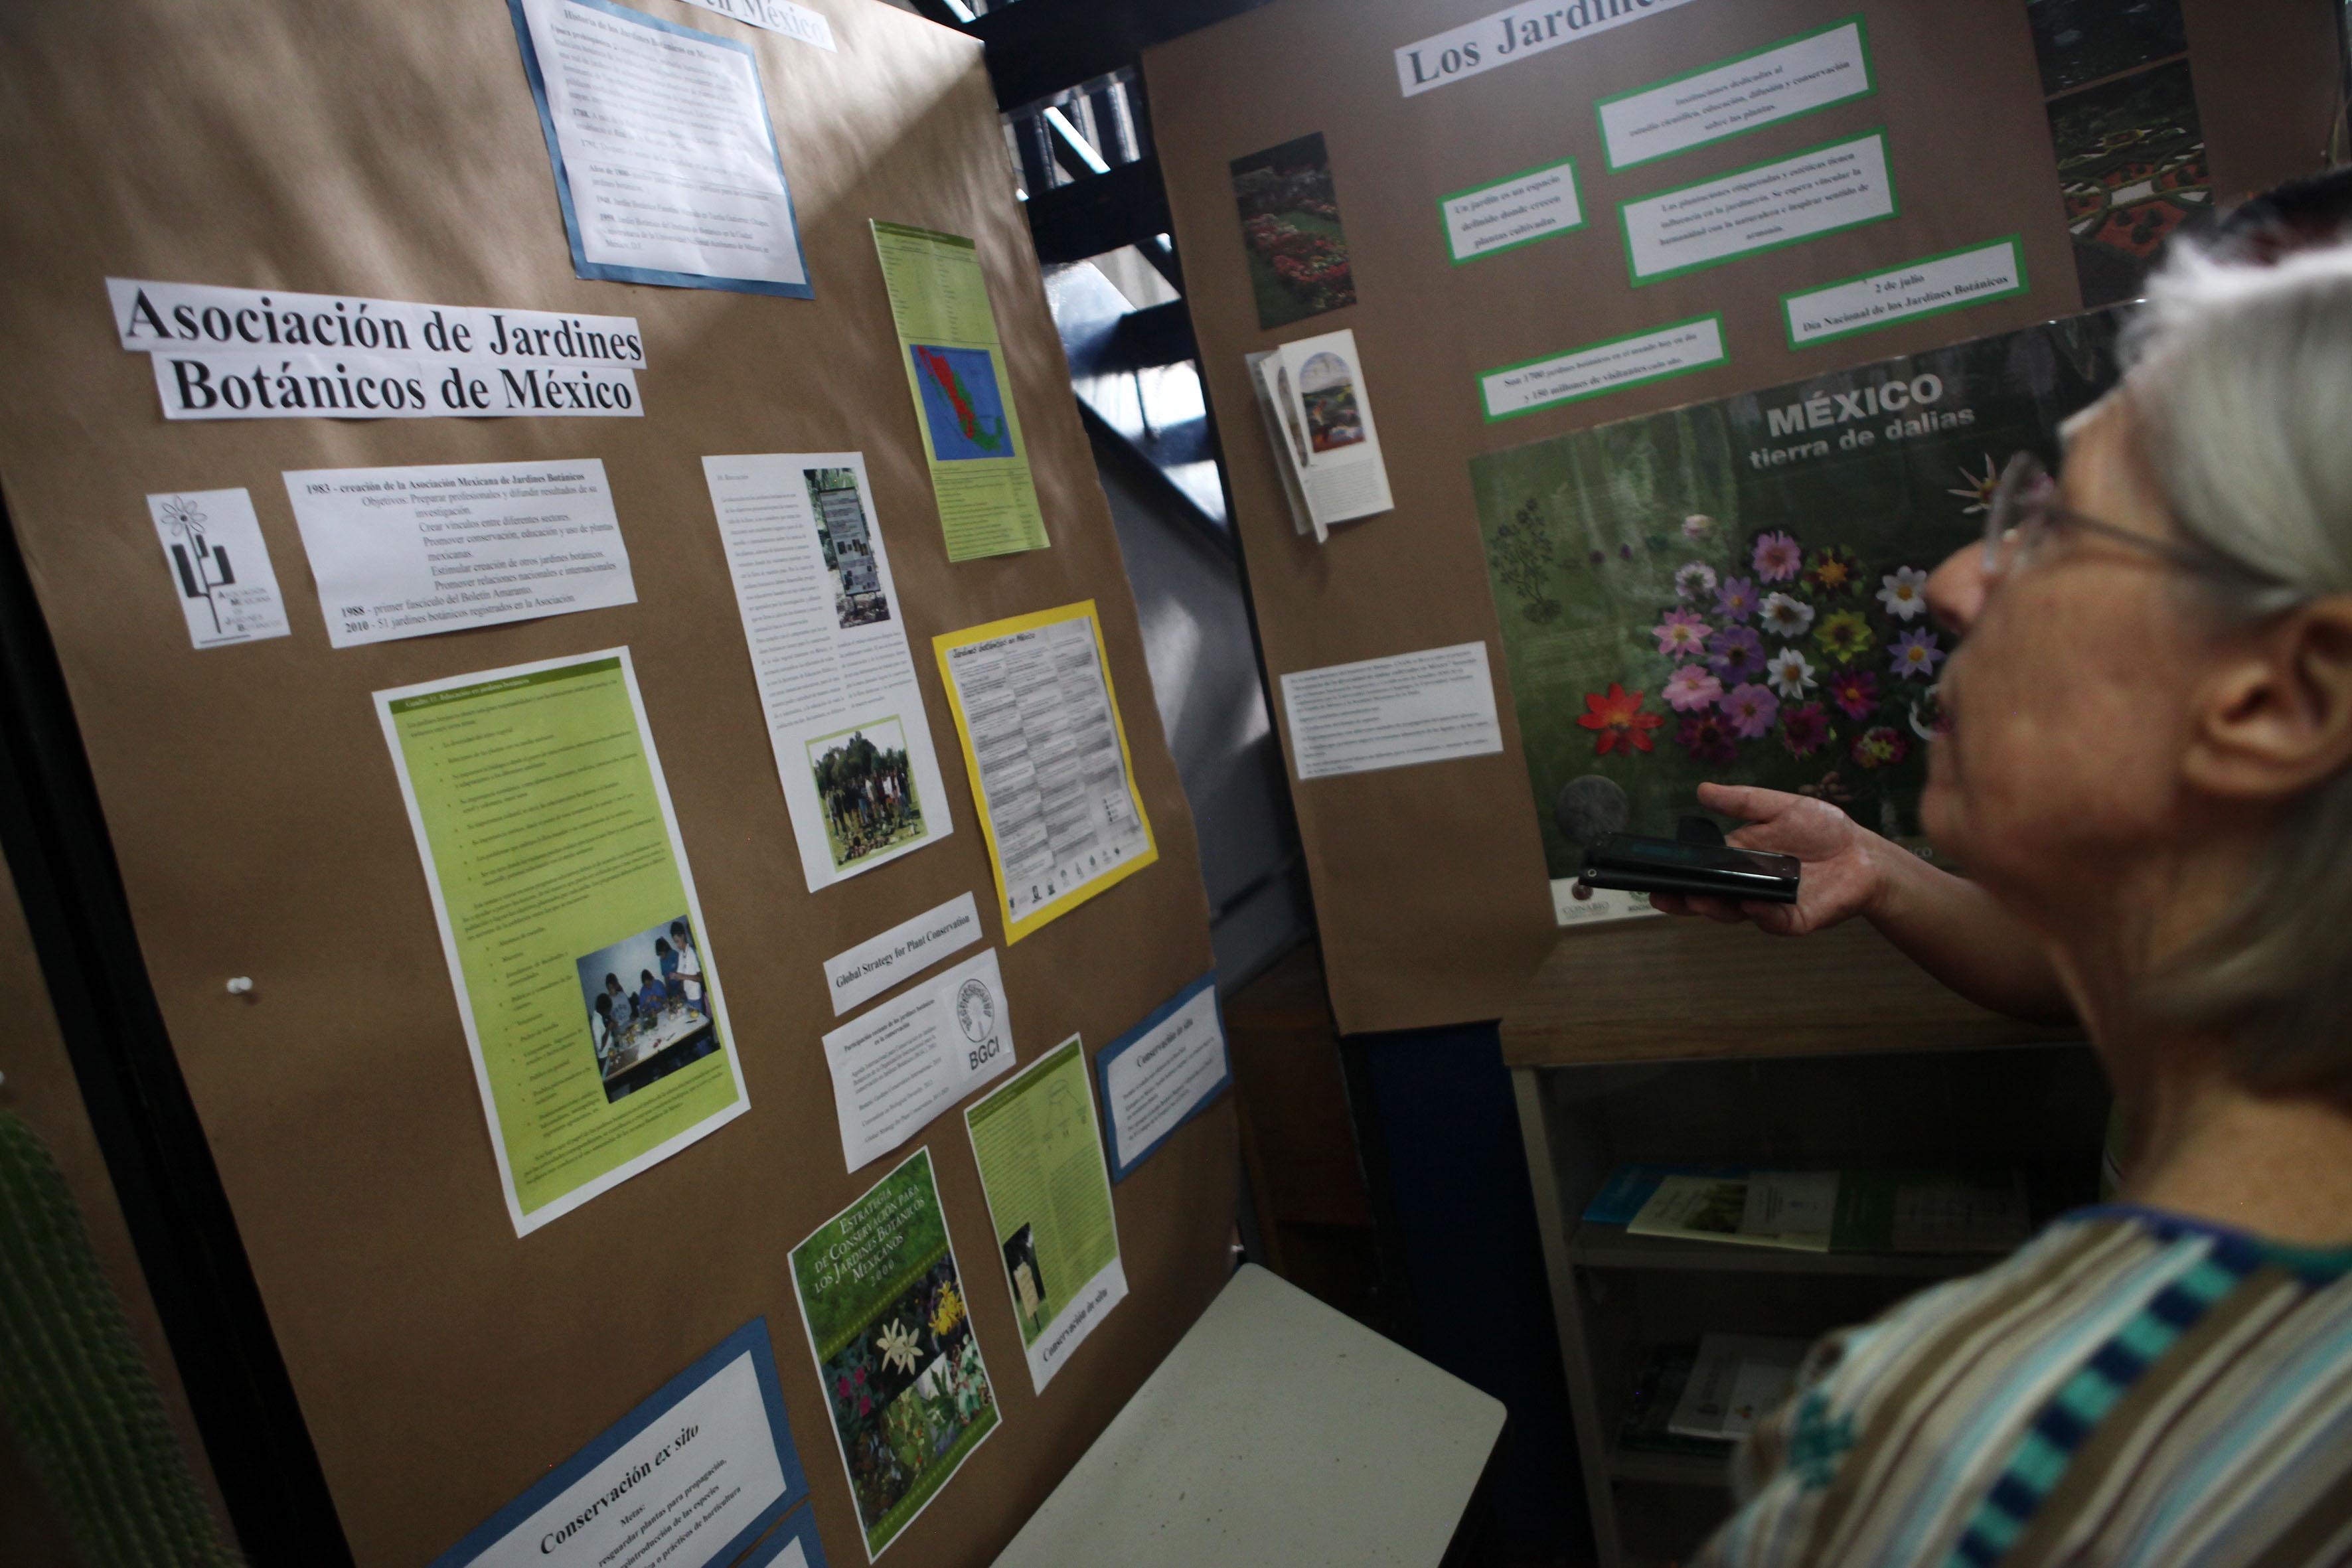 Pared con diferentes carteles informativos sobre los jardines botánicos en las exposiciones en botánica y conservación biológica